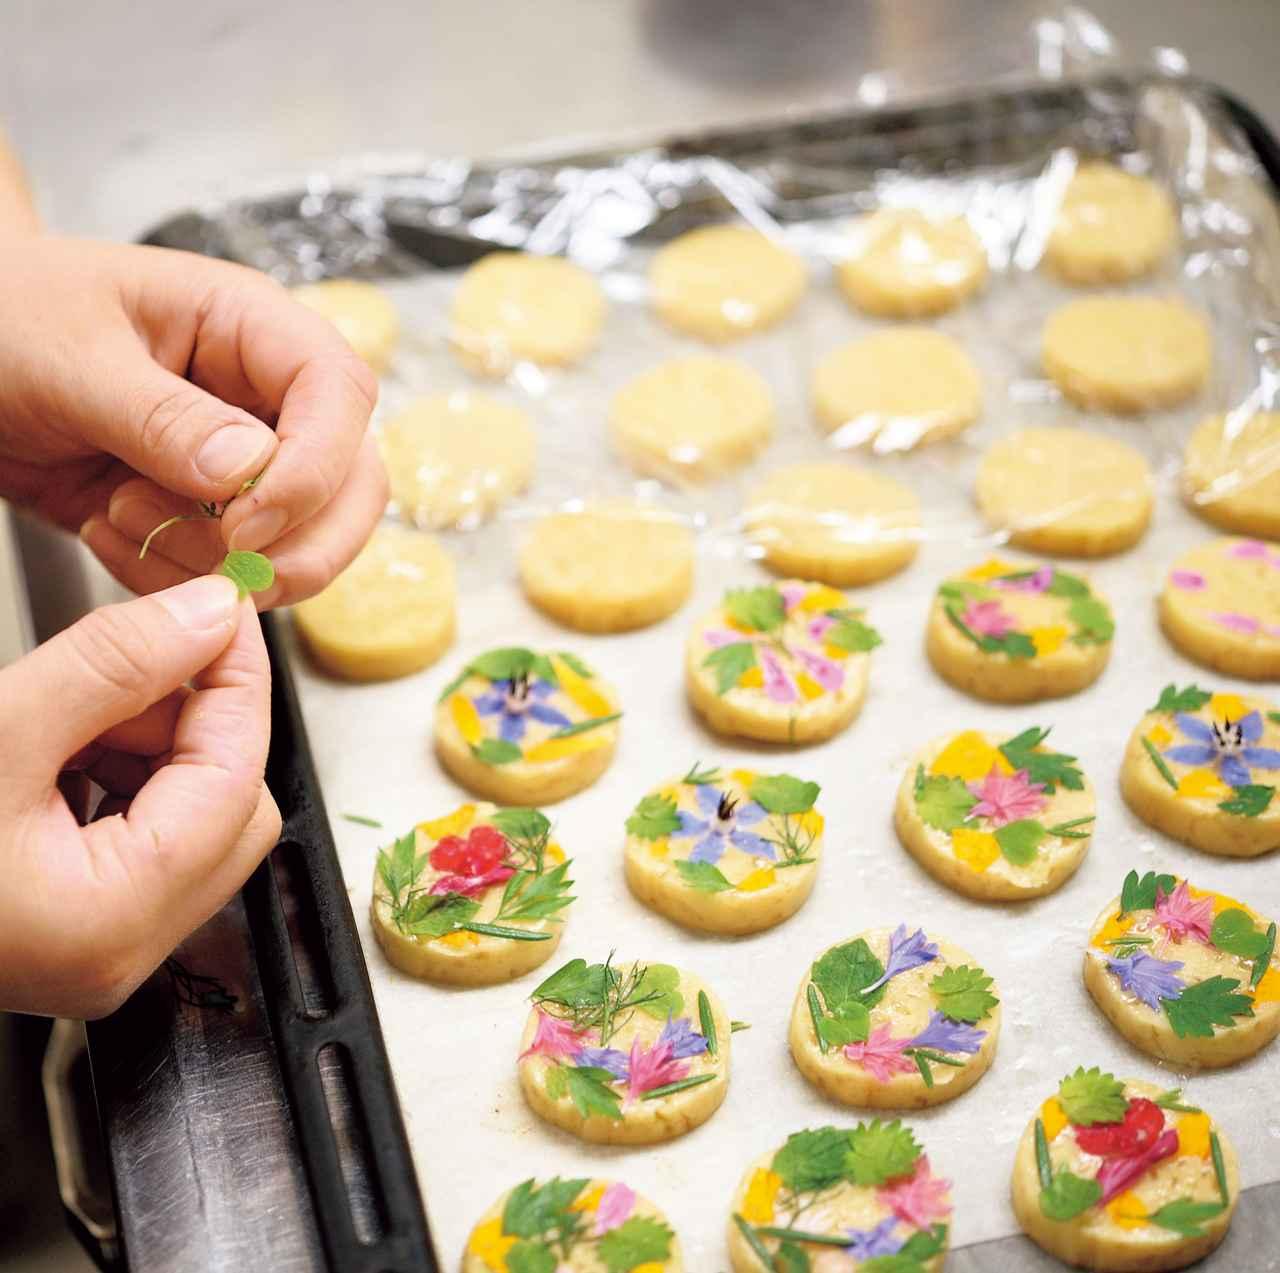 画像: 色とりどりのハーブの花をあしらったクッキーは、まるふく農園や日曜市でも販売している。「お花は10種類くらいを使って、見た目重視で飾ります。ざらめを使った、ザクザクの食感もポイントです。かわいいからギフトにもいいと思います」